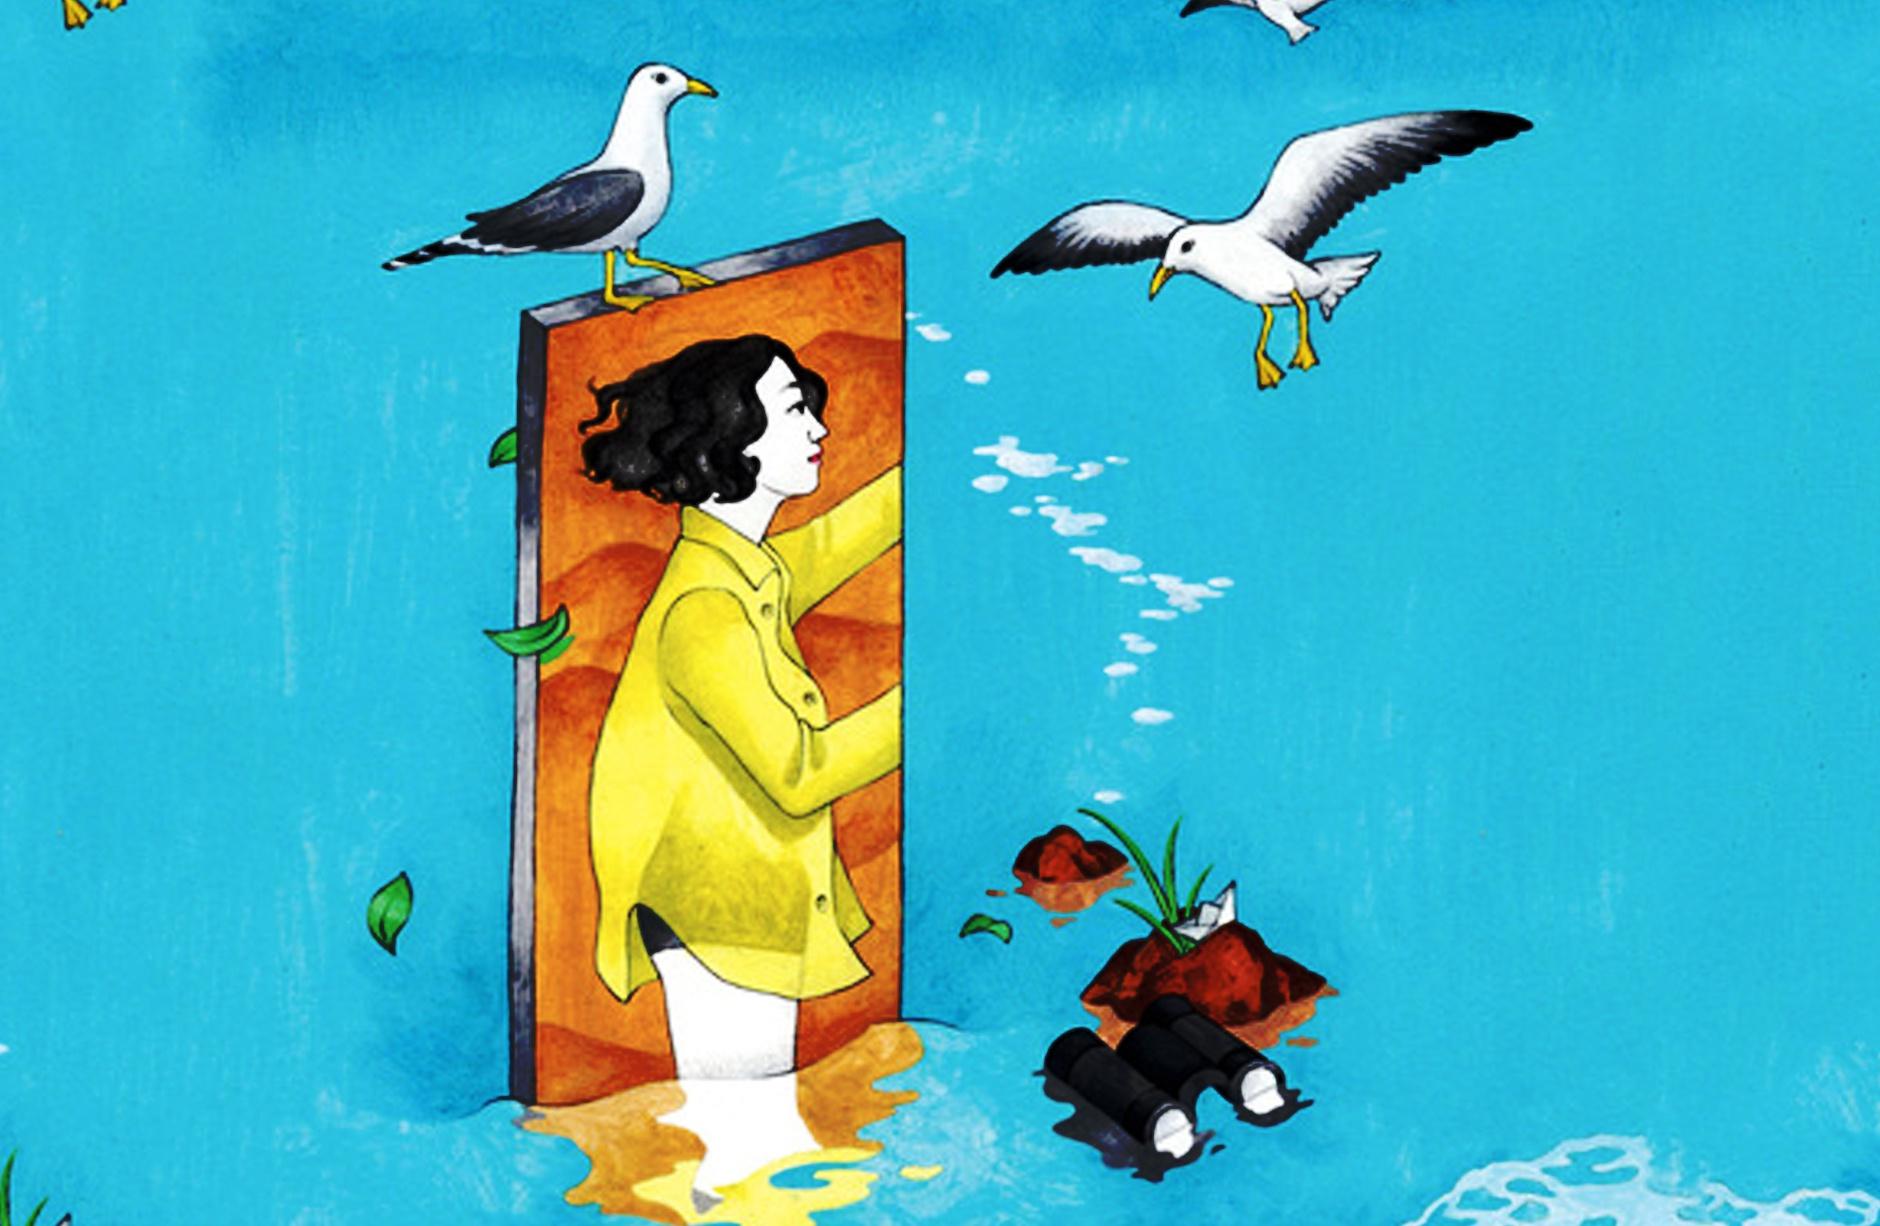 心理学:和父母的关系很差,觉得很痛苦该怎么办?